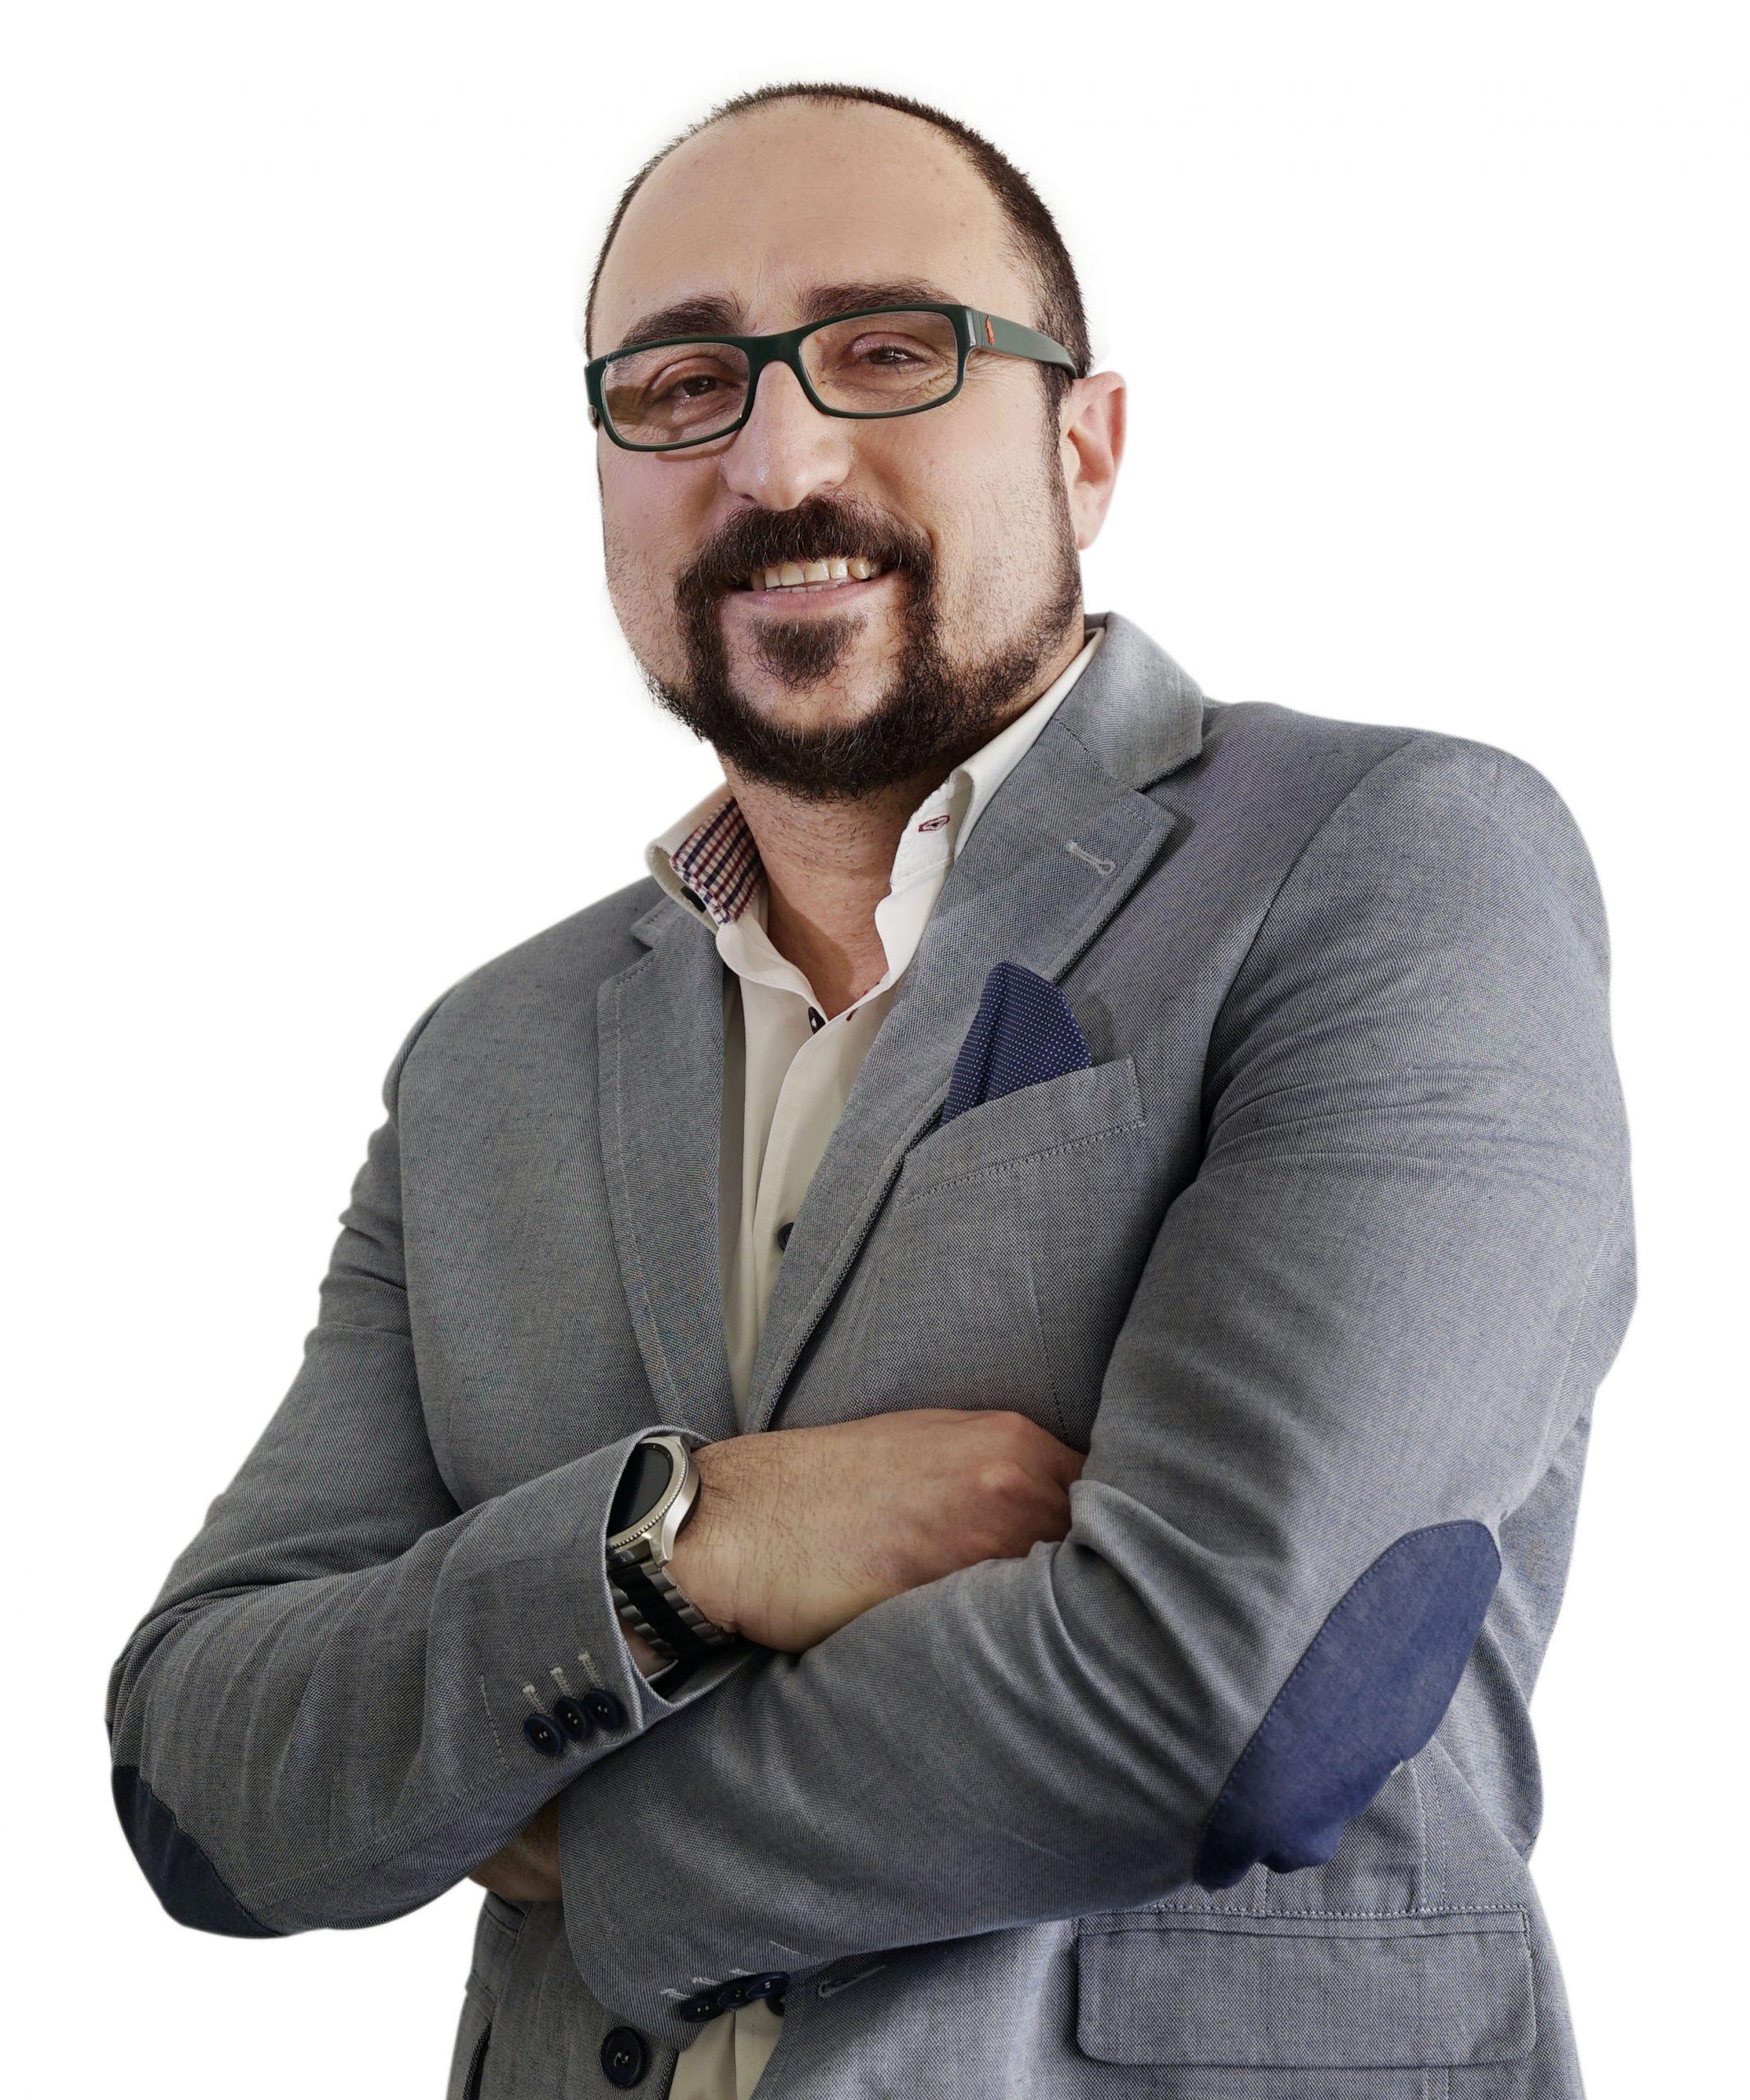 Alessio Cappuccioni